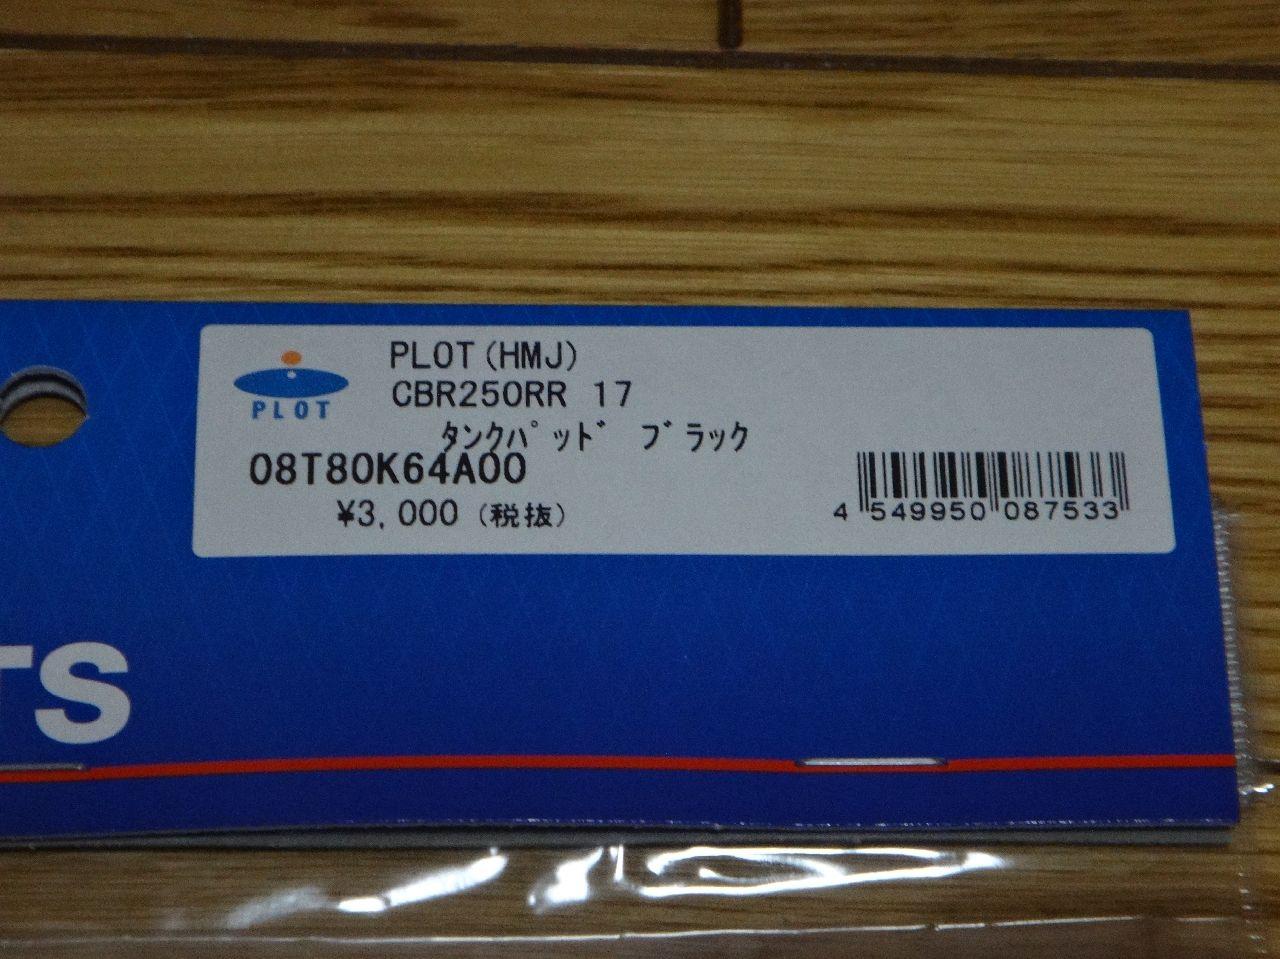 こんなちんまりした物が¥3,240円とは\u2026¥ ・∀・¥  まあ、専用設計なのでそこそこデザインはマッチしているのでしょうが、私のCBR250RR(MC51)はコーションステッカーを